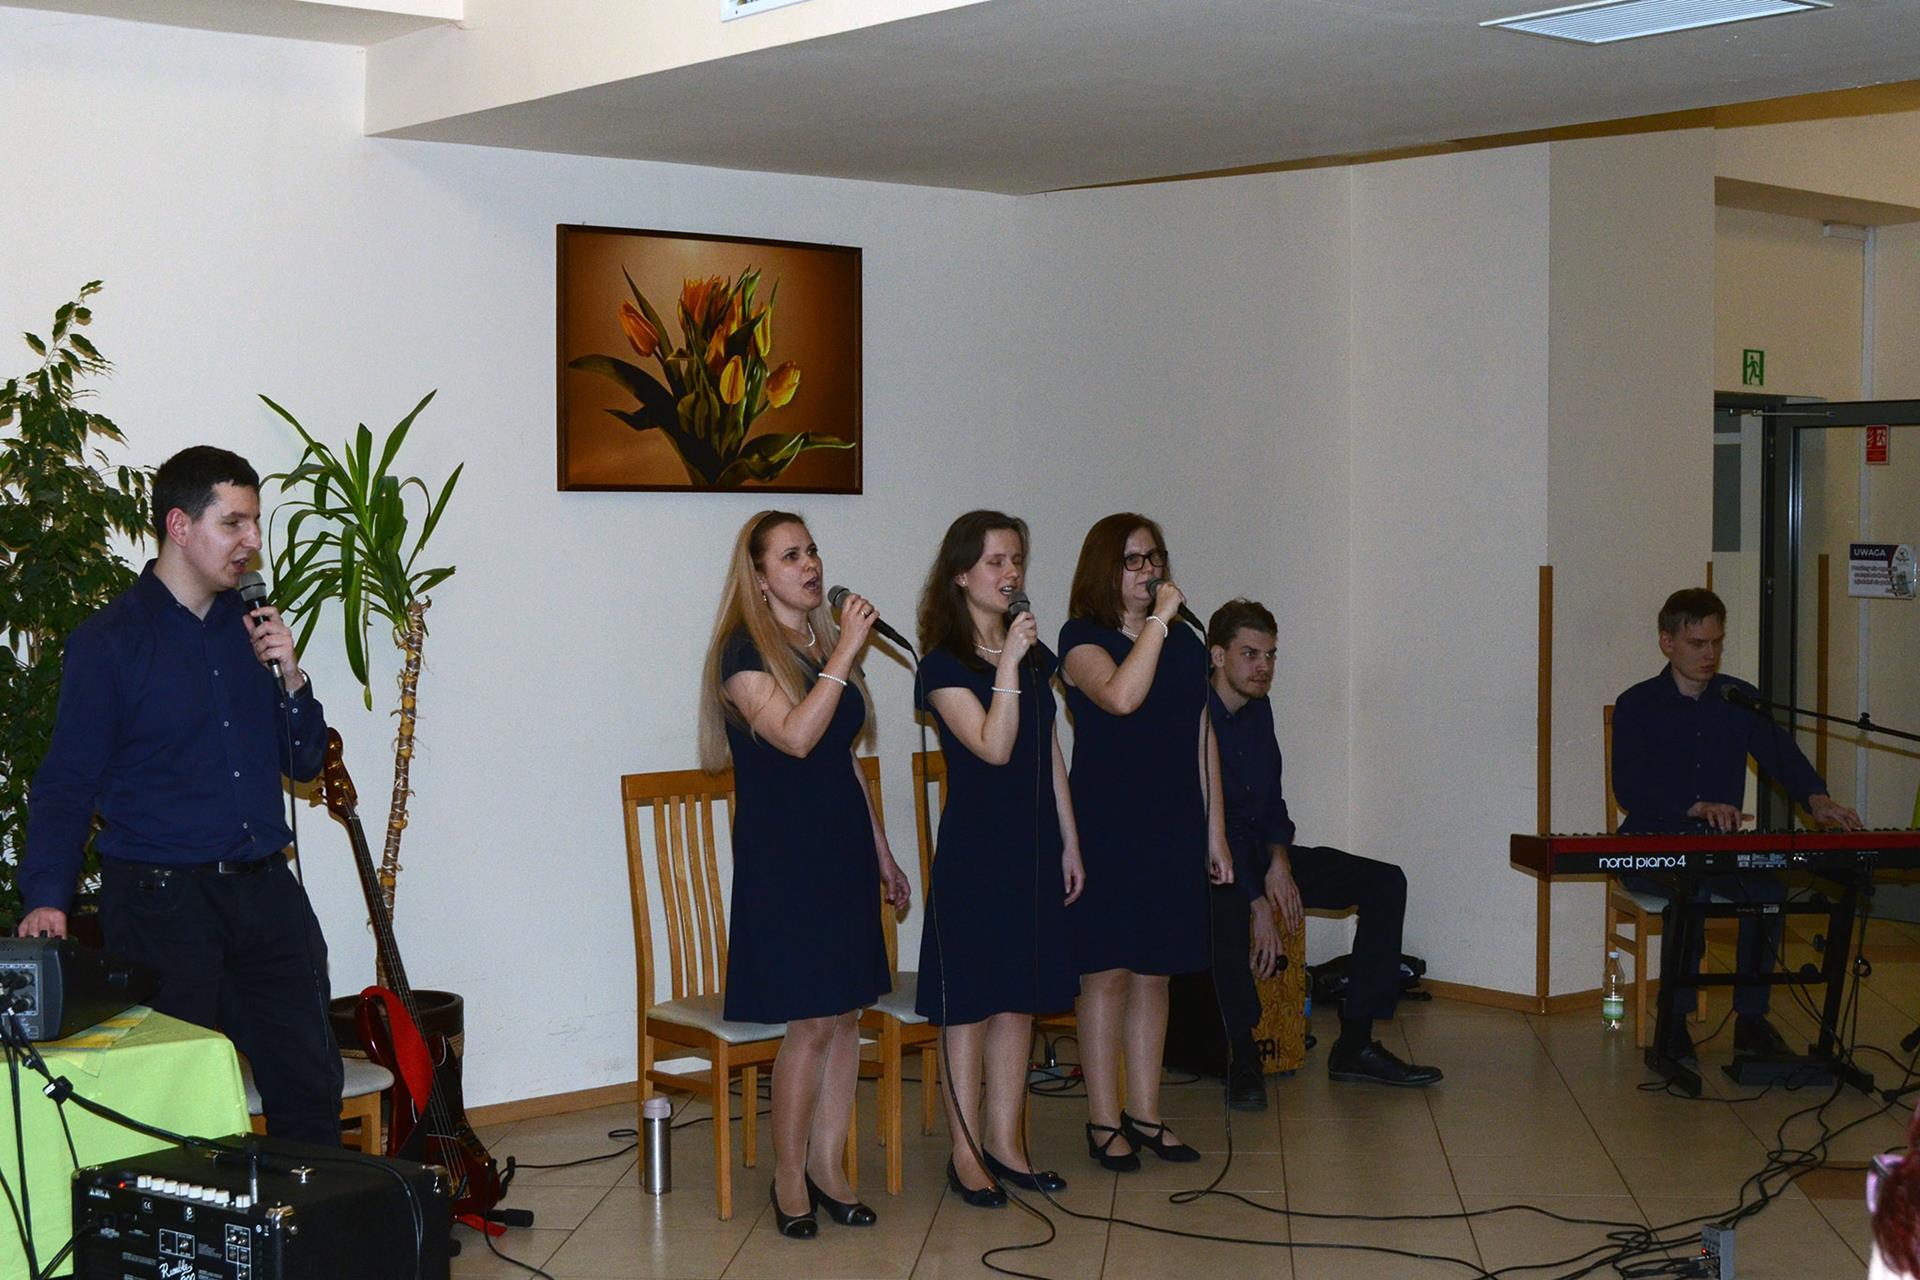 Trzy kobiety stoją, śpiewają. Po ich prawej stronie, przy mikserze, stoi mężczyzna, a po lewej dwóch mężczyzn gra na instrumentach - pianinie elektycznym i cajonie.